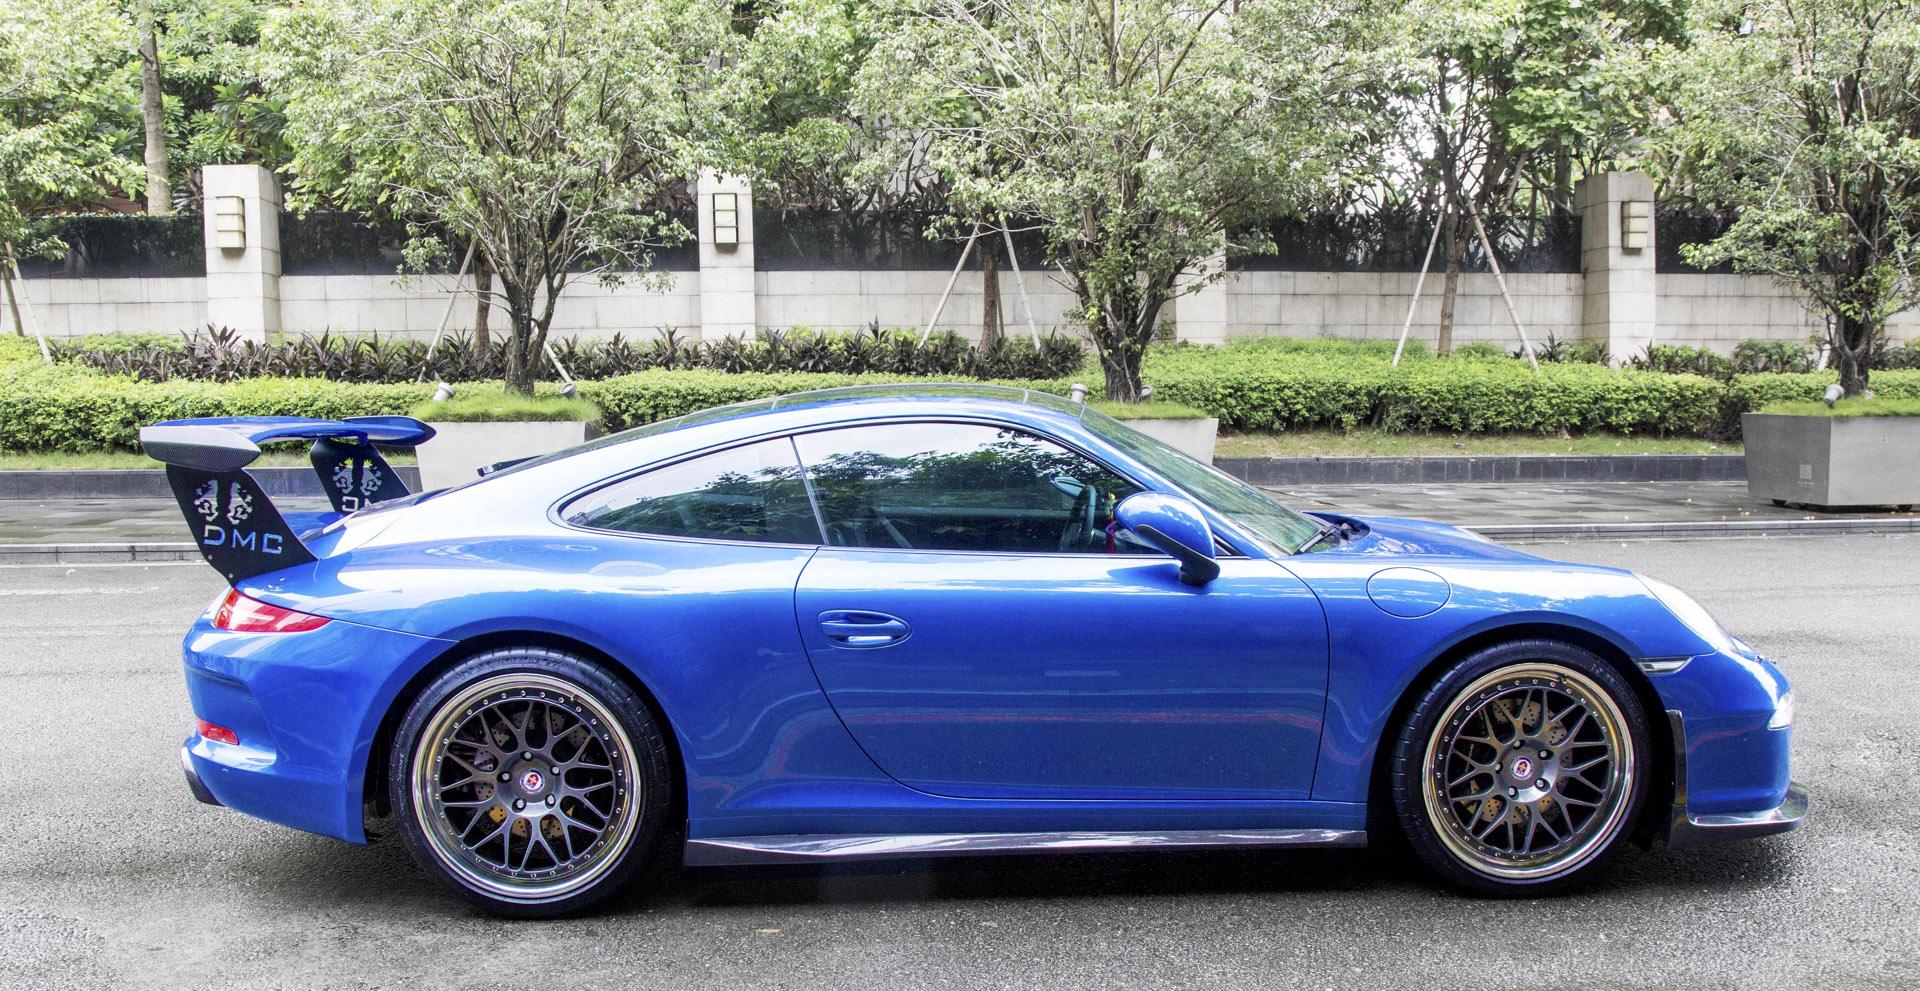 Dmc Releases Stunning Porsche 991 Gt3 Rs